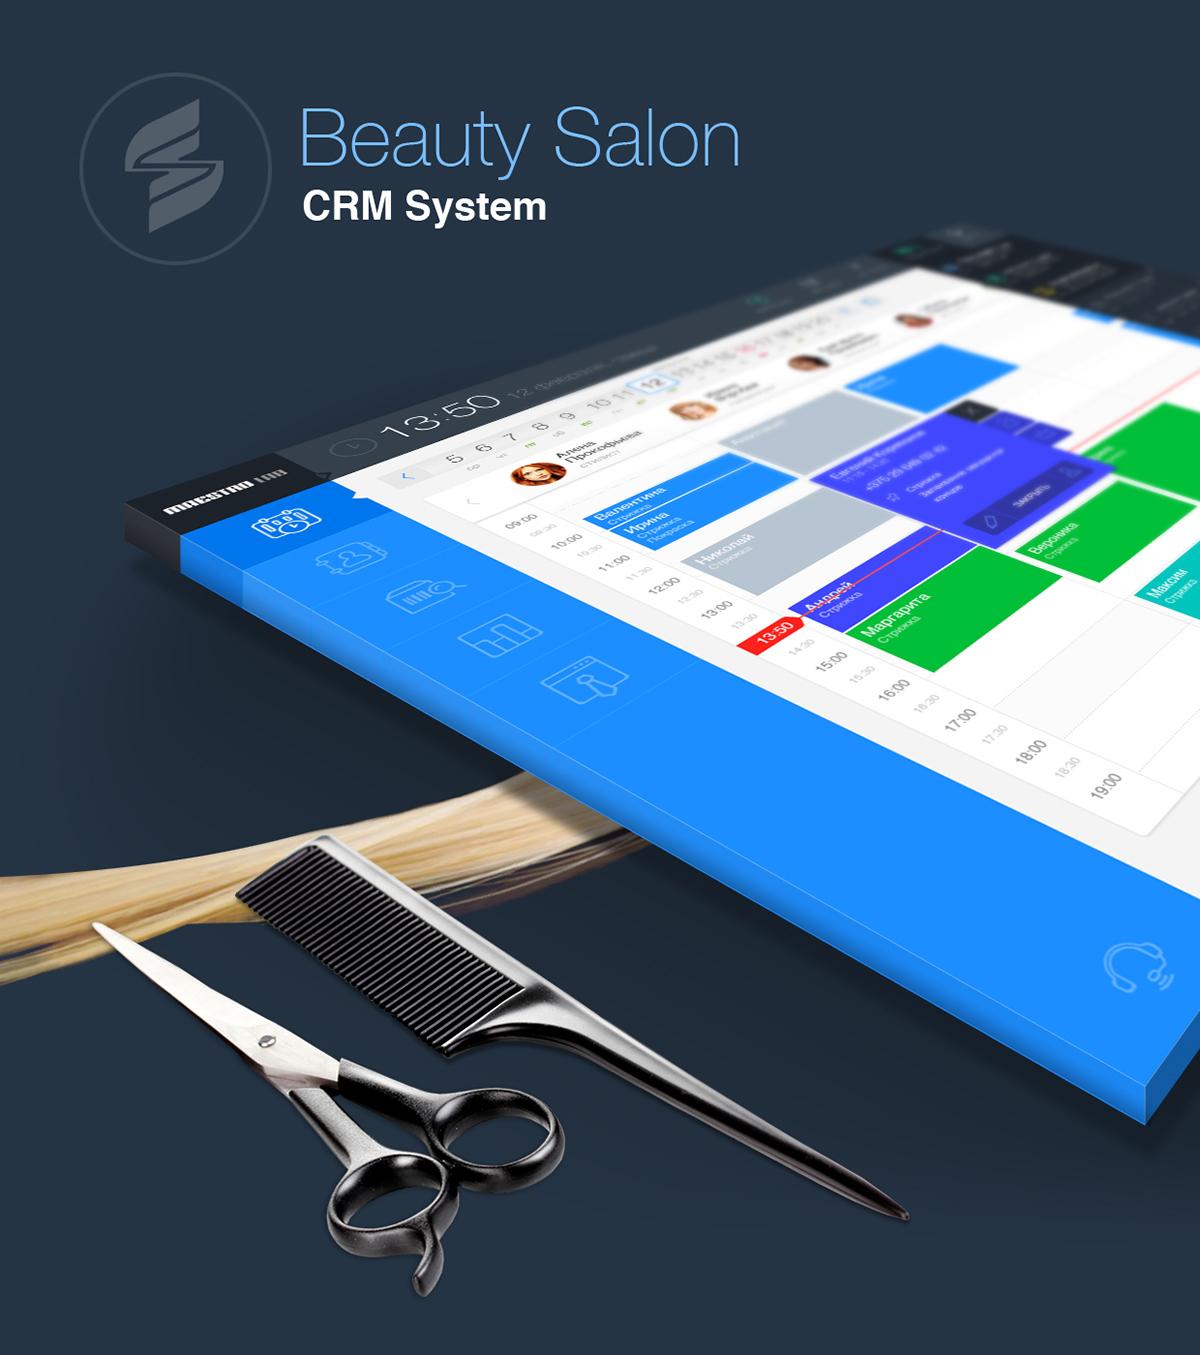 beauty salon crm system on behance ForSalon Crm